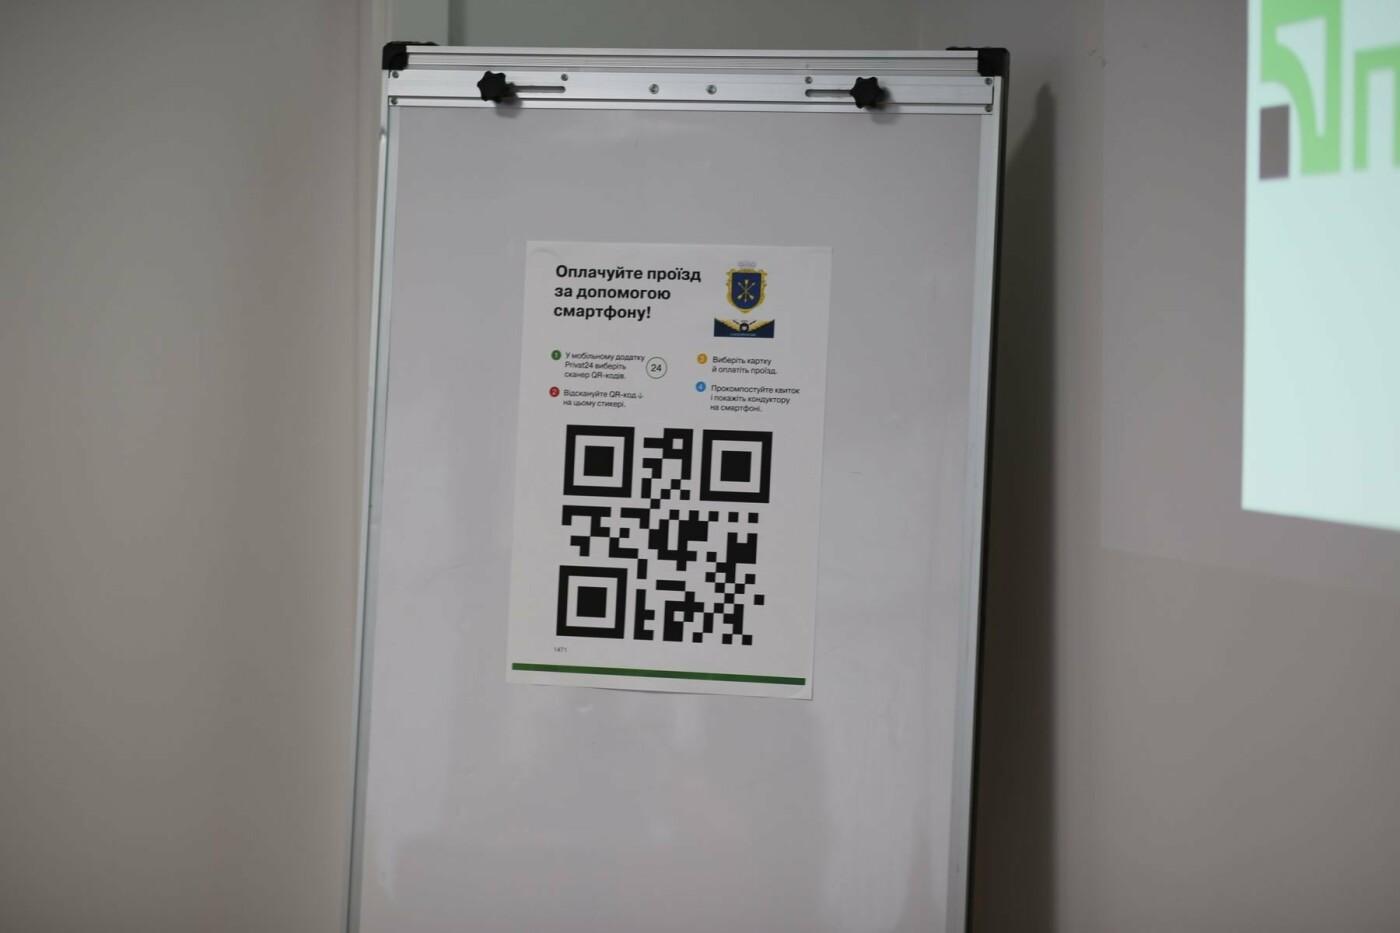 Хмельницький став третім містом в Україні, де діють електронні проїзні квитки, фото-2